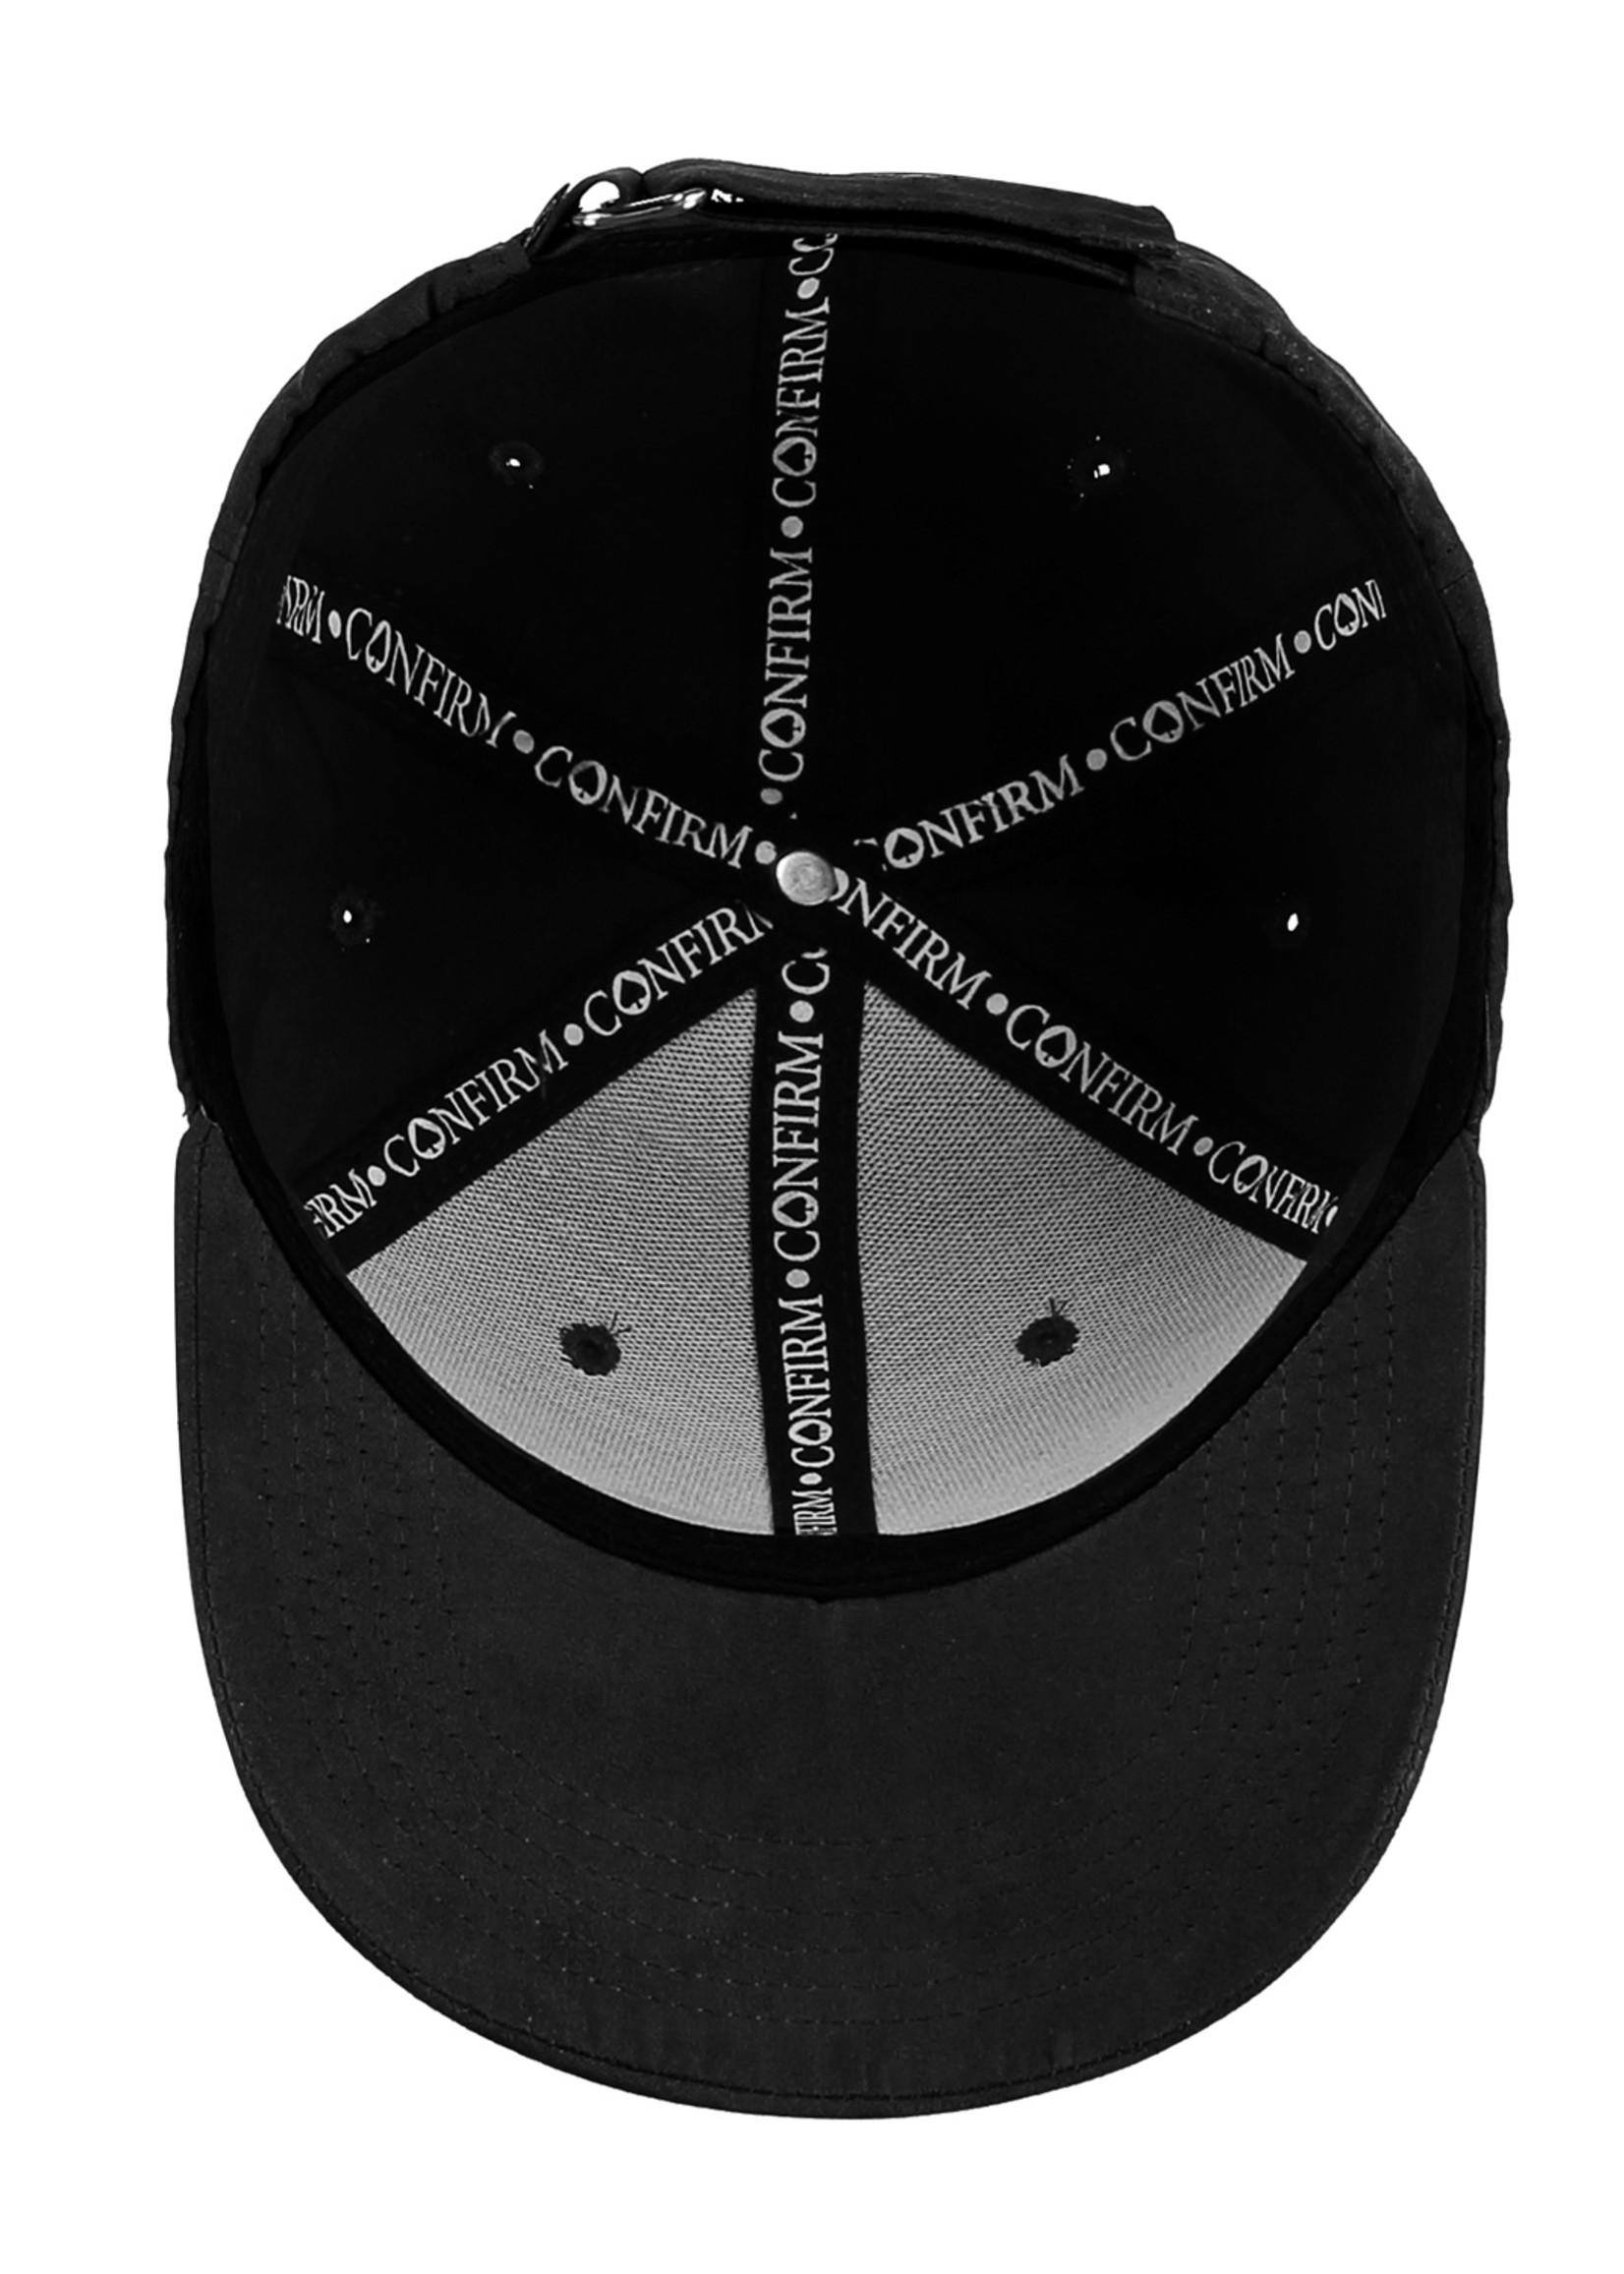 Confirm brand suede look pet - zwart/wit